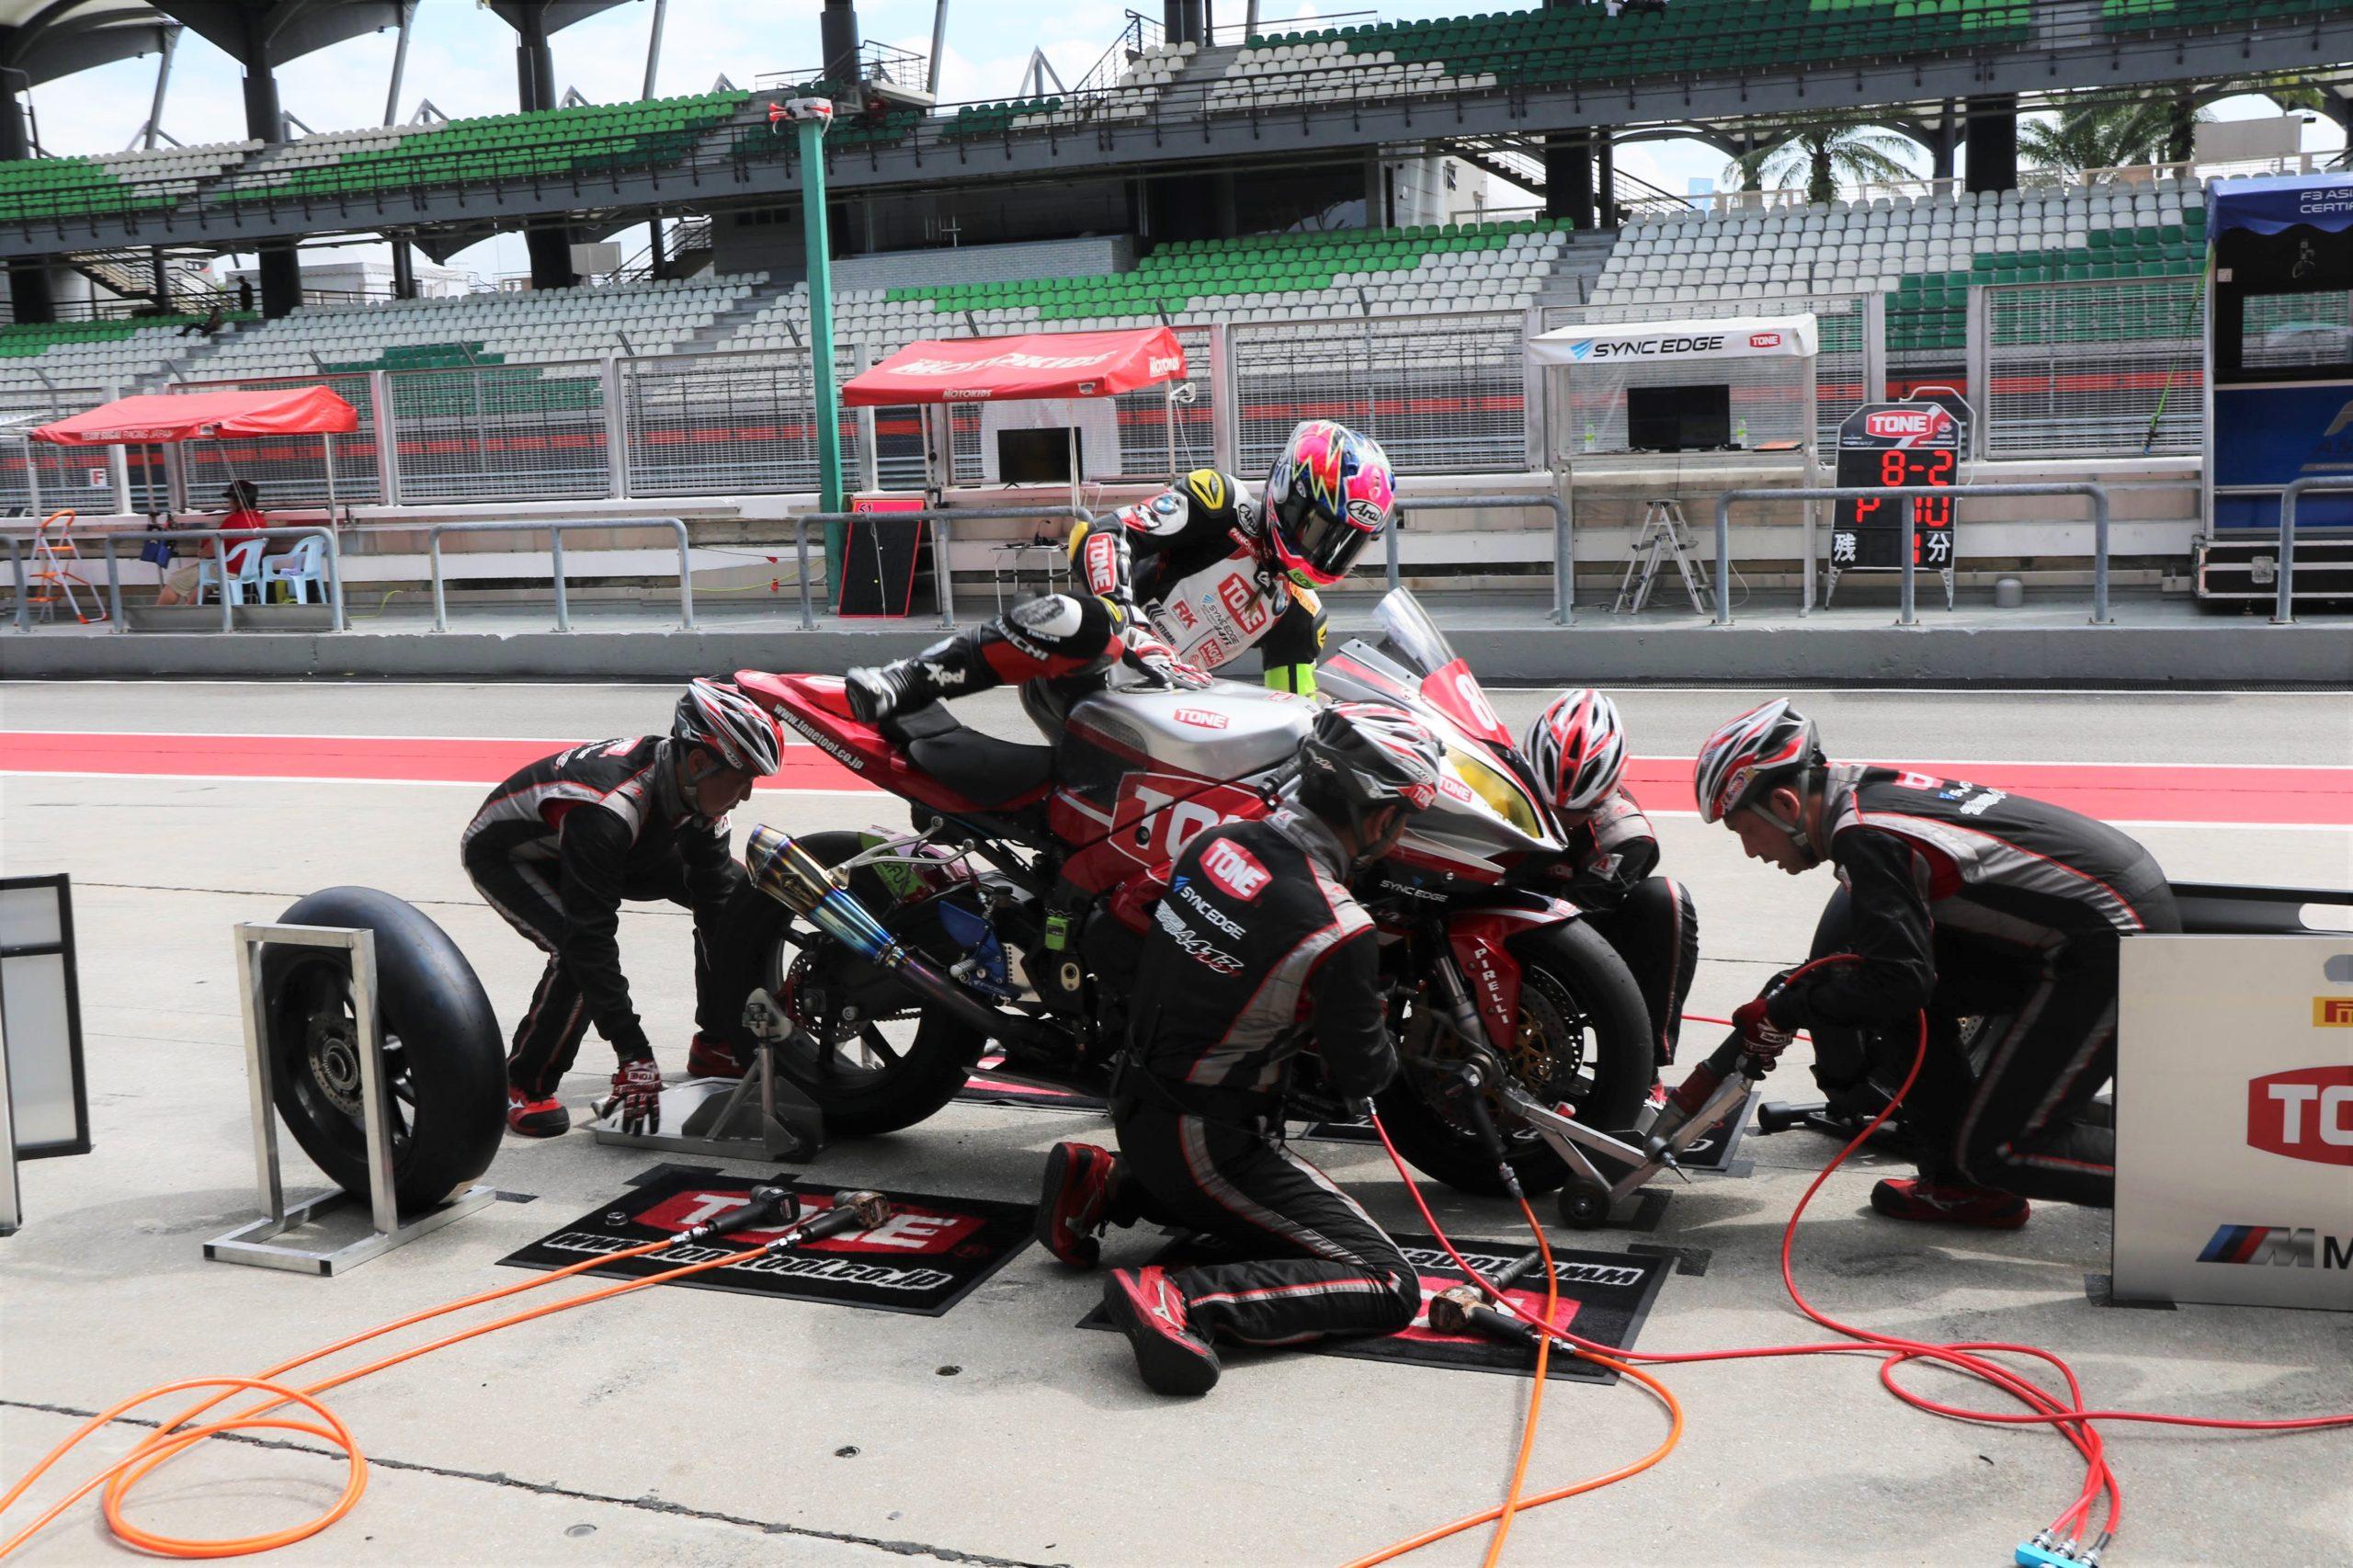 いったいなぜ? 鈴鹿8耐2020への参戦権を持つ日本チーム「TONE RT SYNCEDGE 4413 BMW」がセパン8耐に参戦した理由